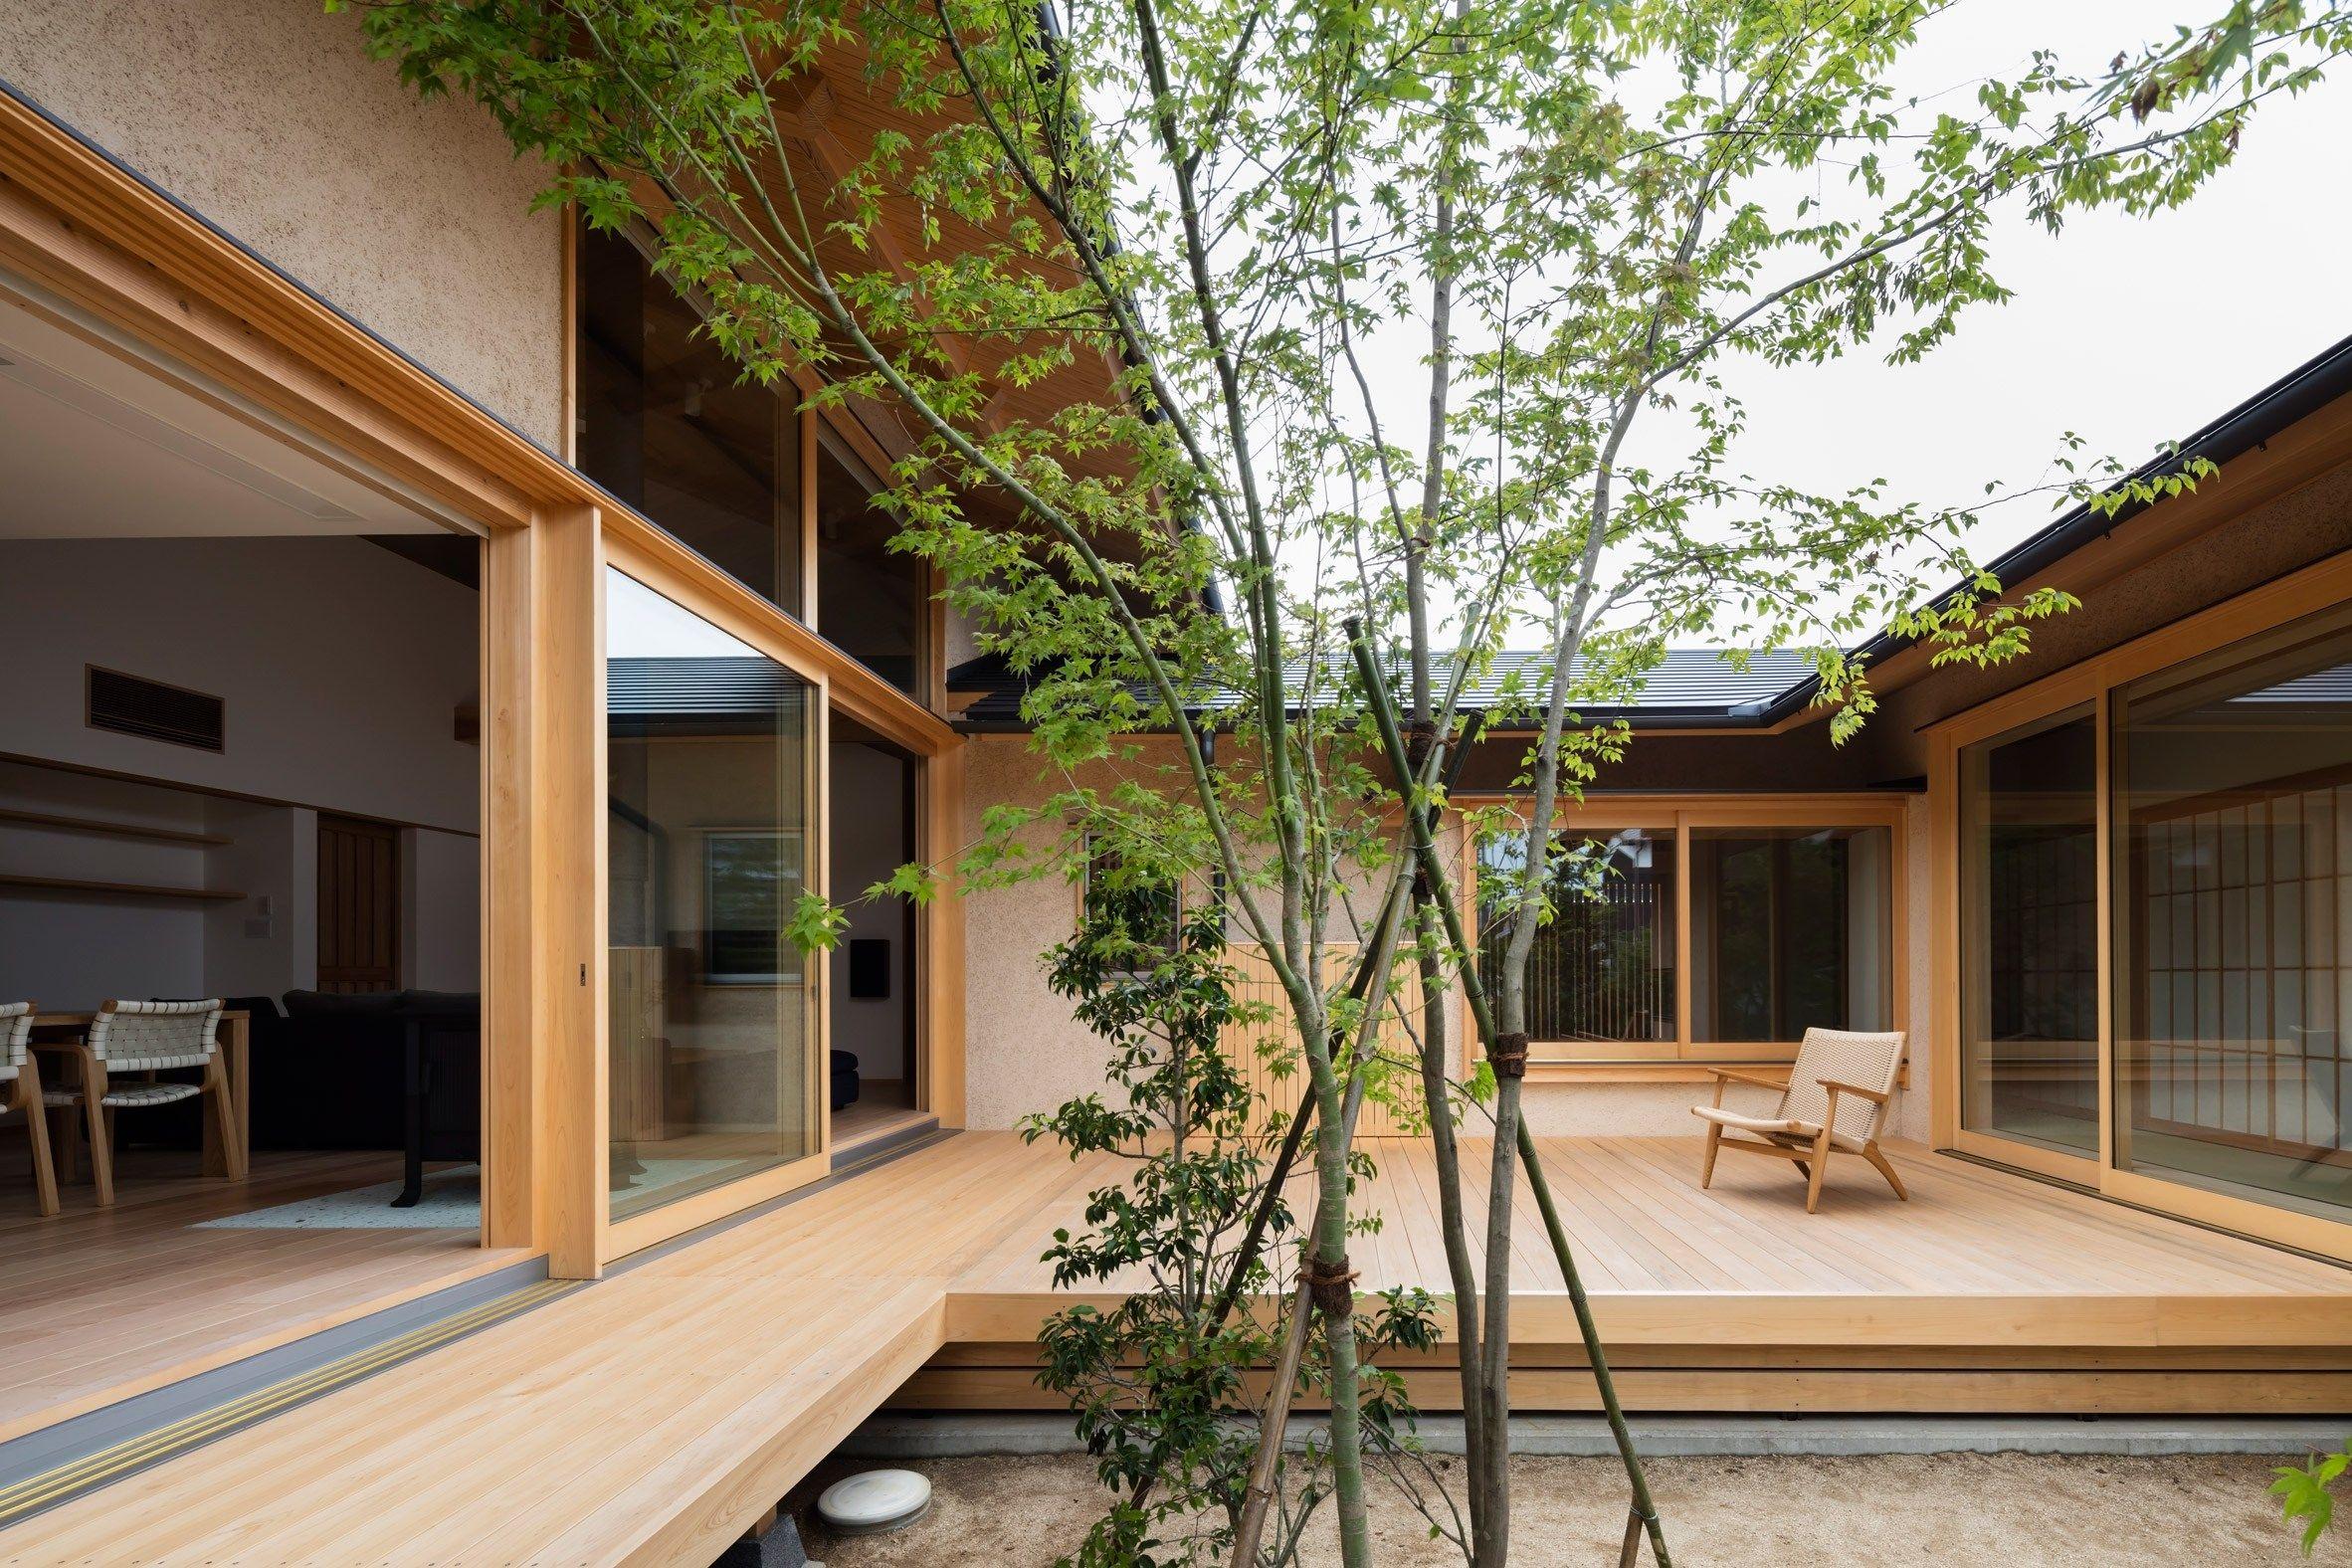 Desain Rumah Berbentuk U Dari Aristek Takashi Okuno Berita Arsitektur Jepang Arsitek Jepang Takashi O Rumah Halaman Rumah Arsitektur Rumah Arsitektur Modern